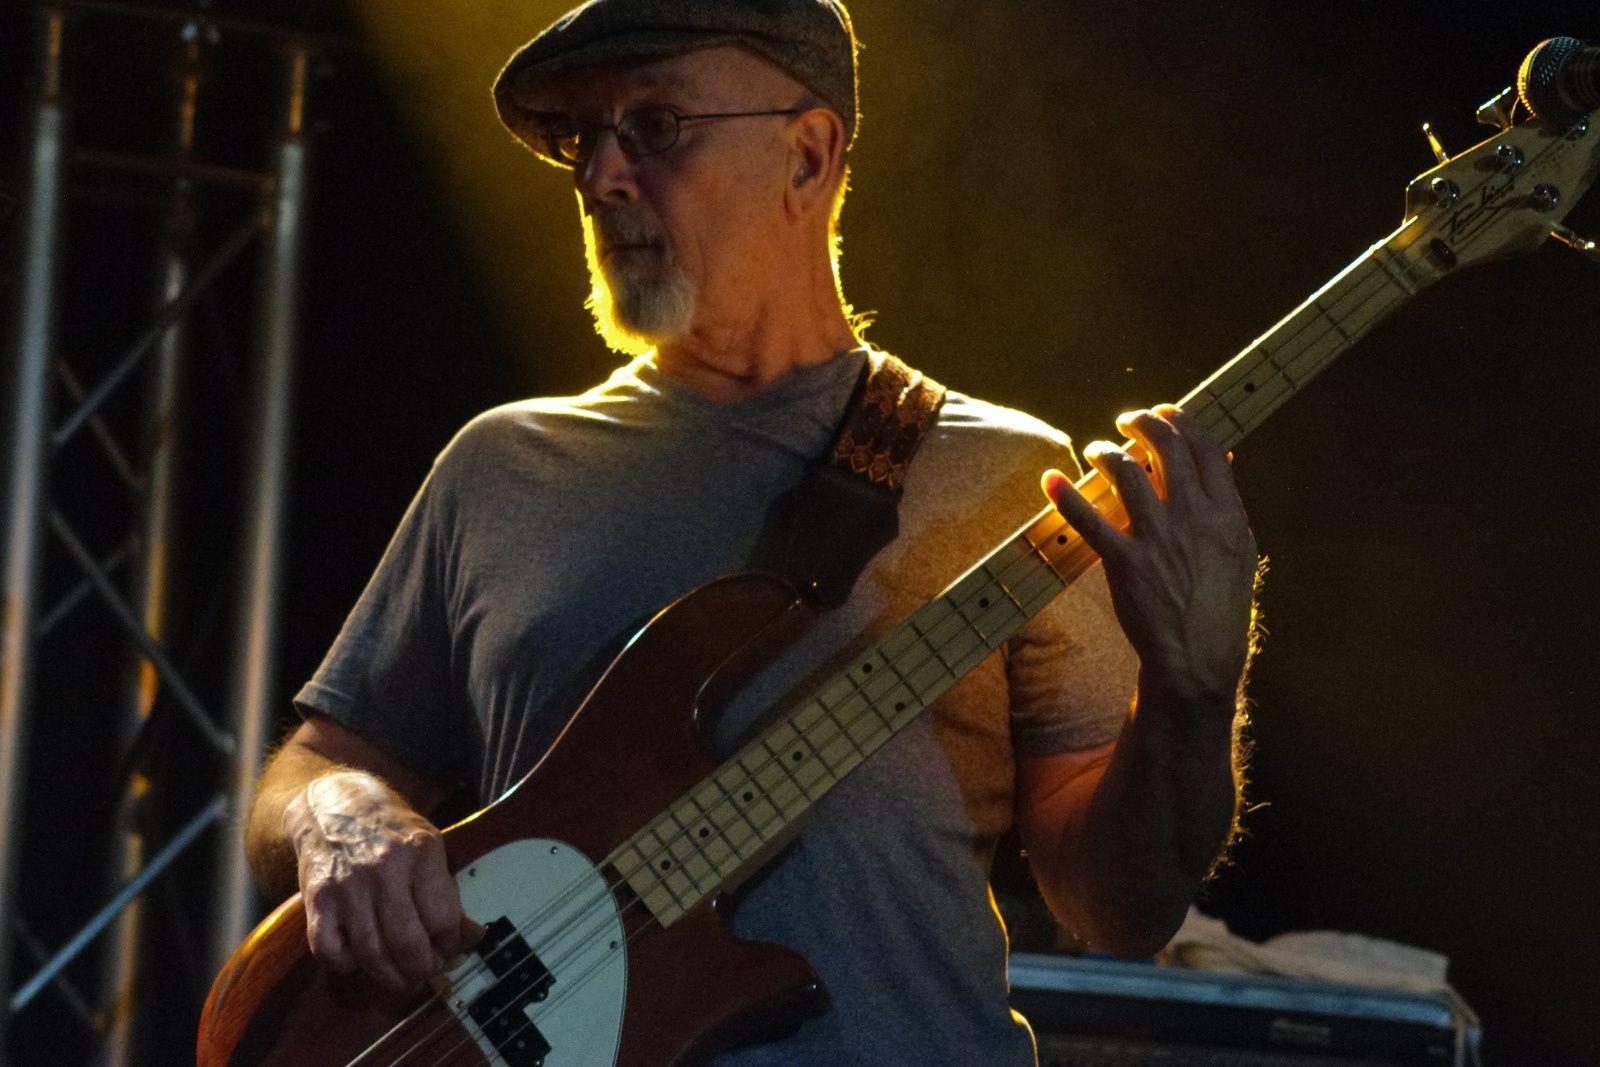 Roy Rogers - 26 mars 2014 - La Boîte à Musiques, Wattrelos (59)